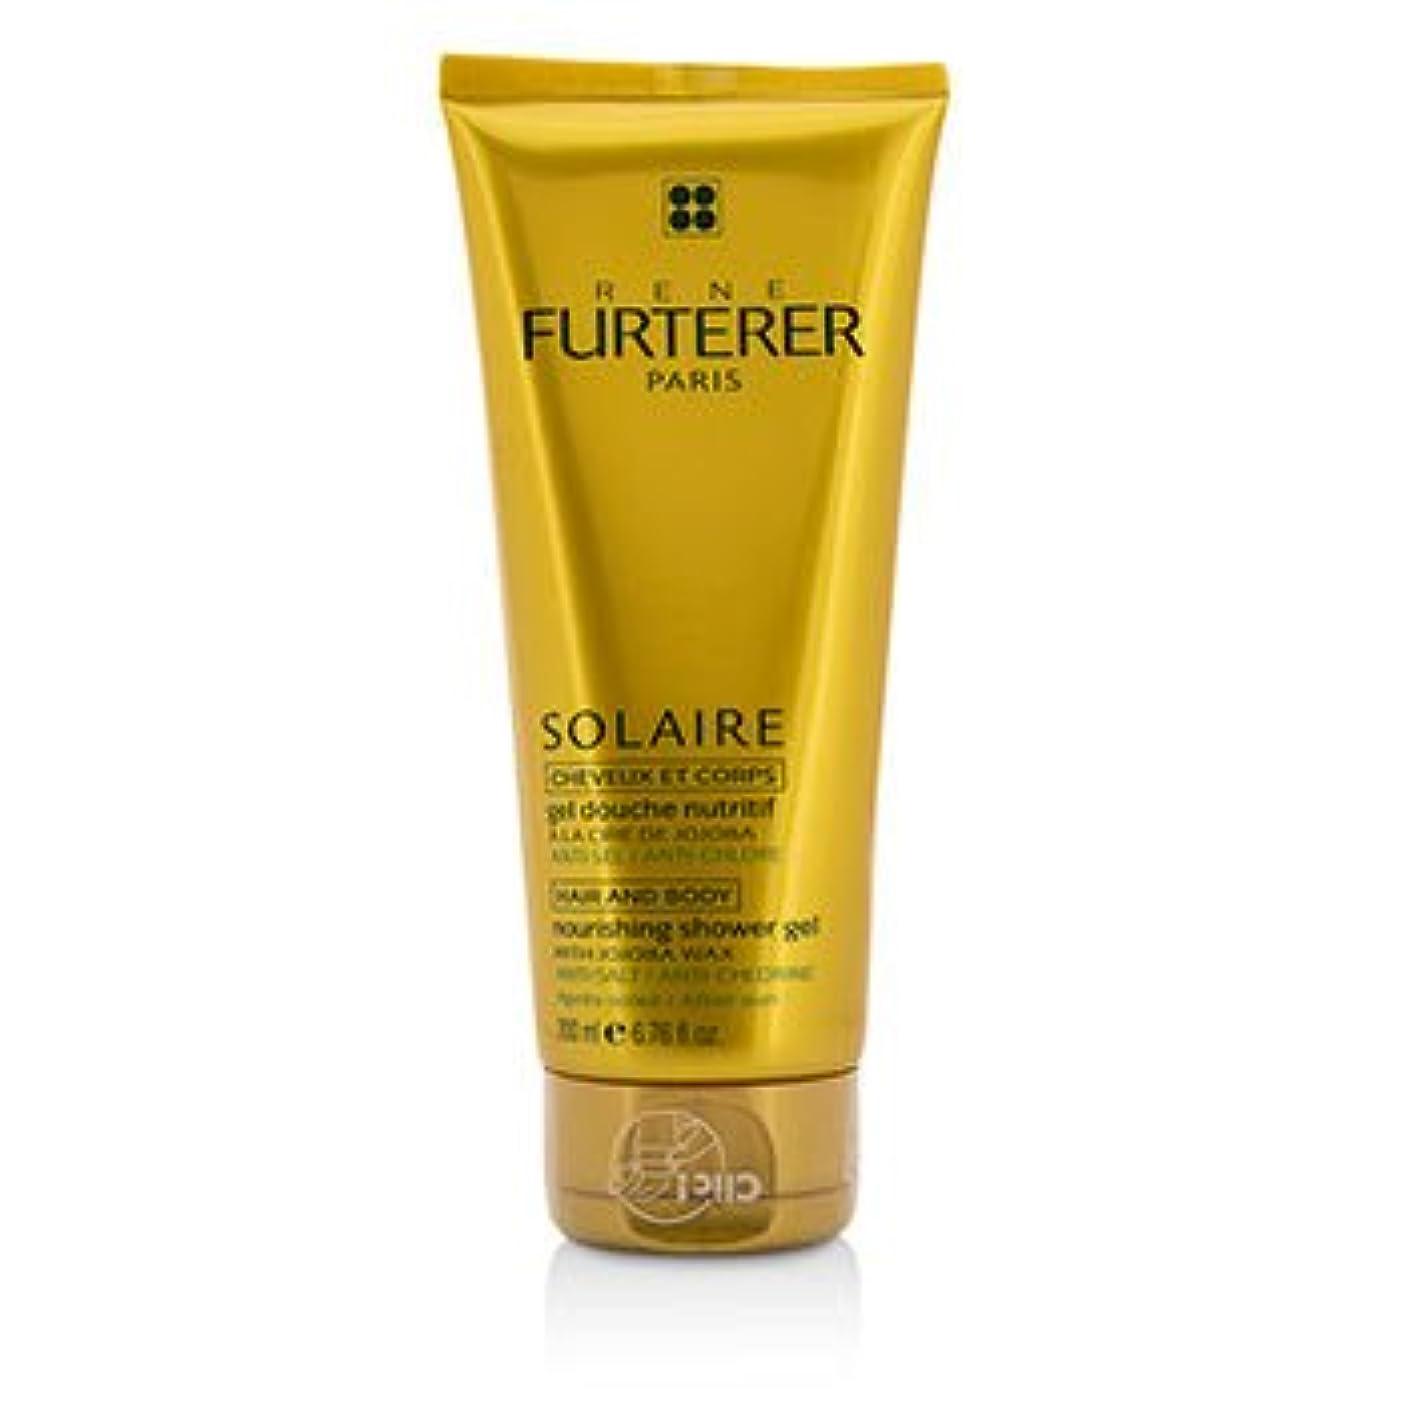 赤外線減らす強要[Rene Furterer] Solaire Nourishing Shower Gel with Jojoba Wax (Hair and Body) 200ml/6.76oz